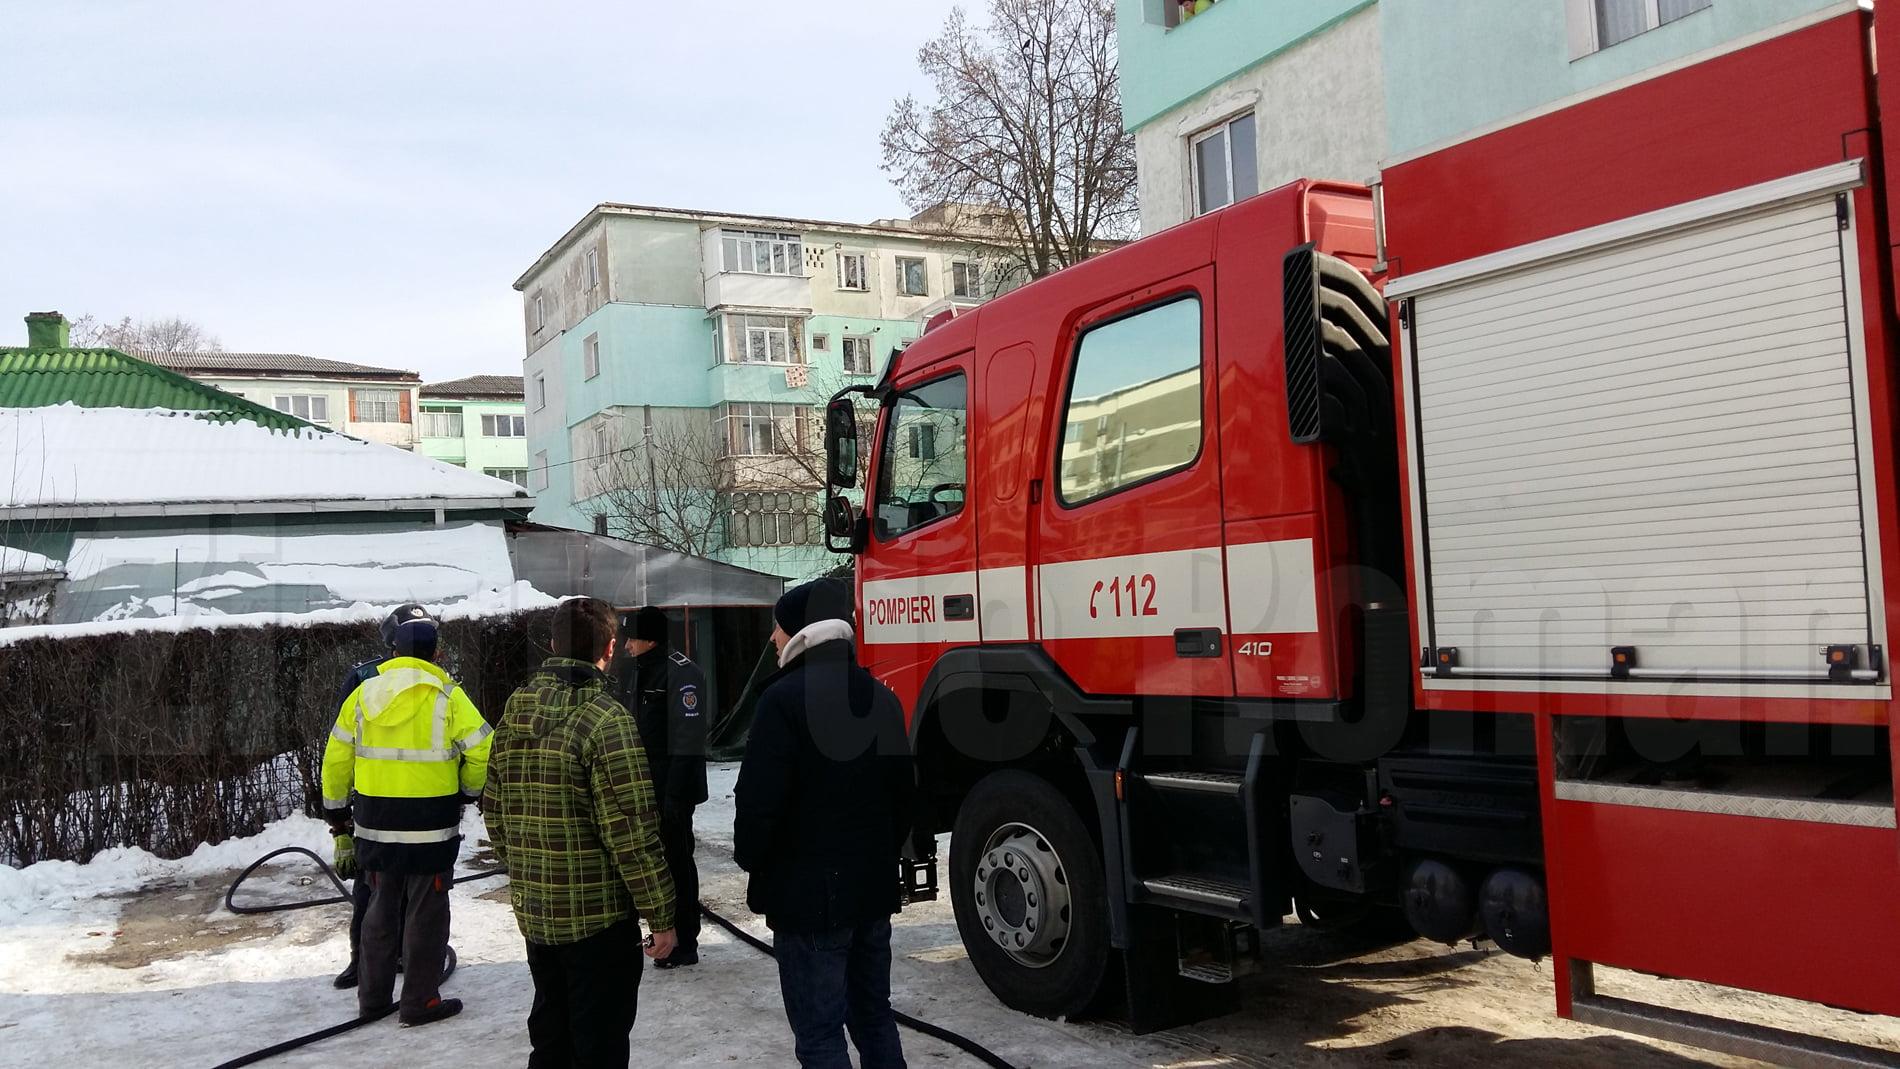 Apel pentru sprijinirea familiei afectate de incendiul de pe strada Gloriei